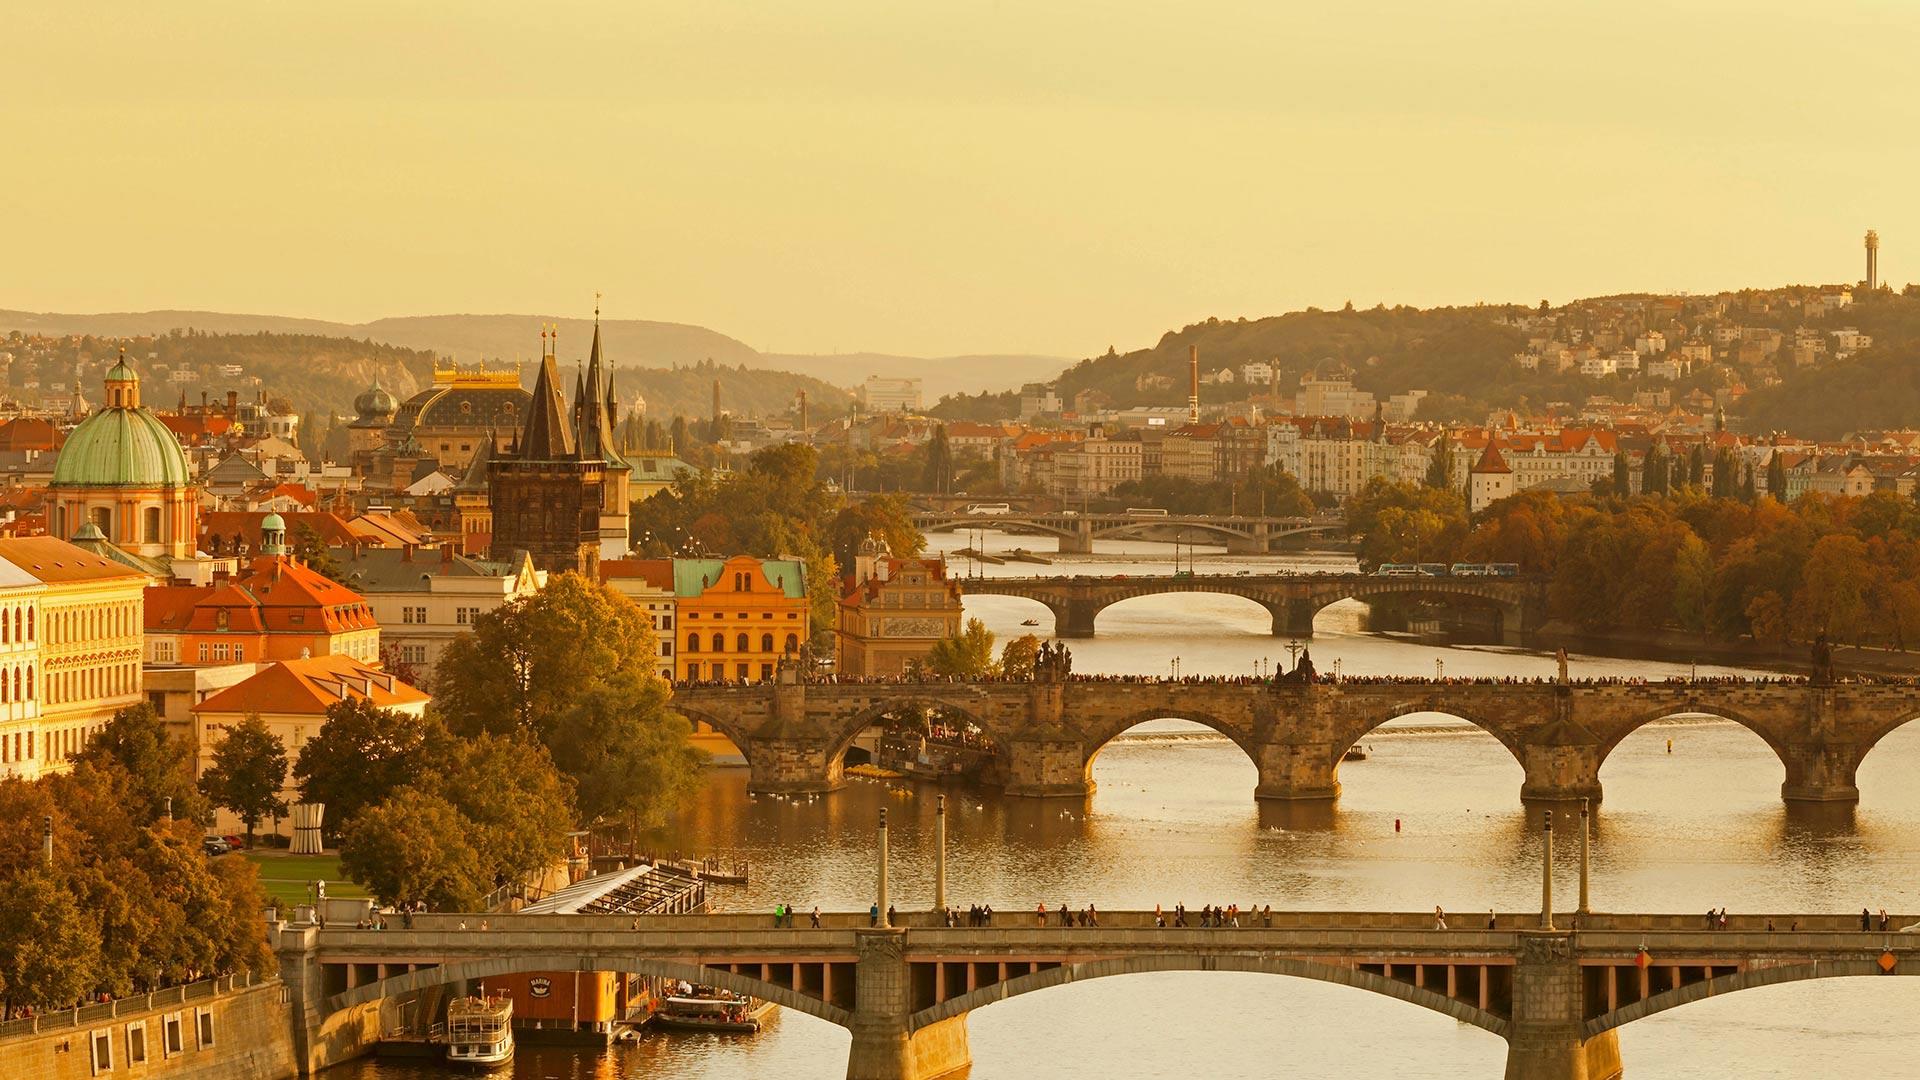 「ヴルタヴァ川とカレル橋」チェコ, プラハ (© Markus Lange/Offset)